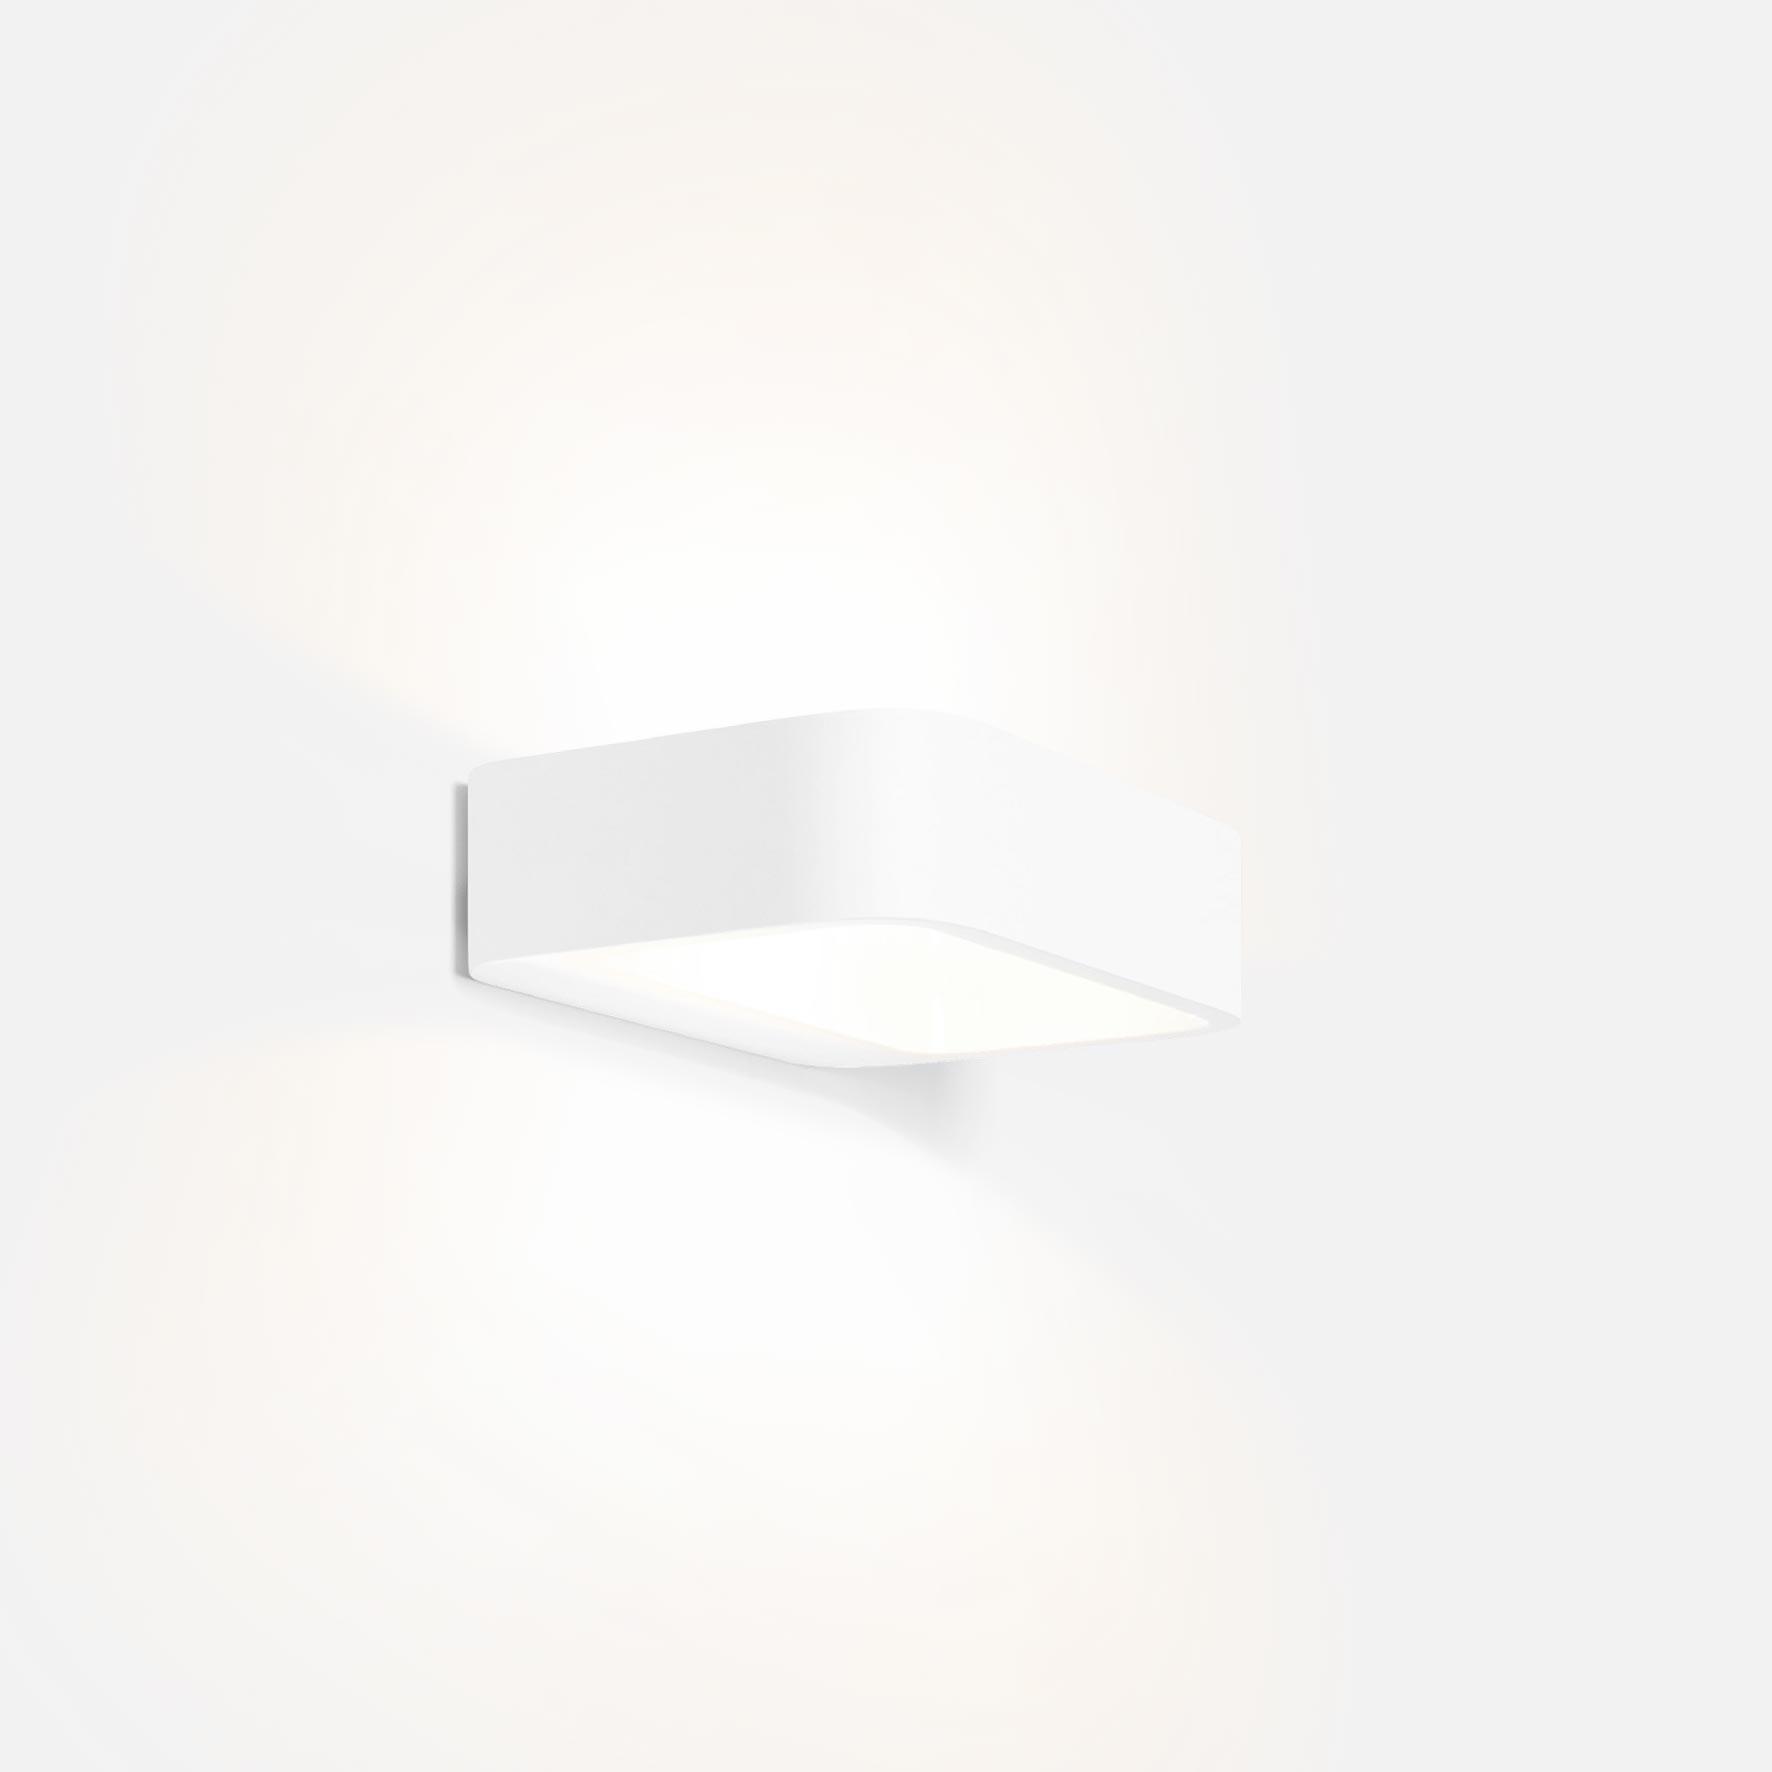 Benta 1.3 white texture